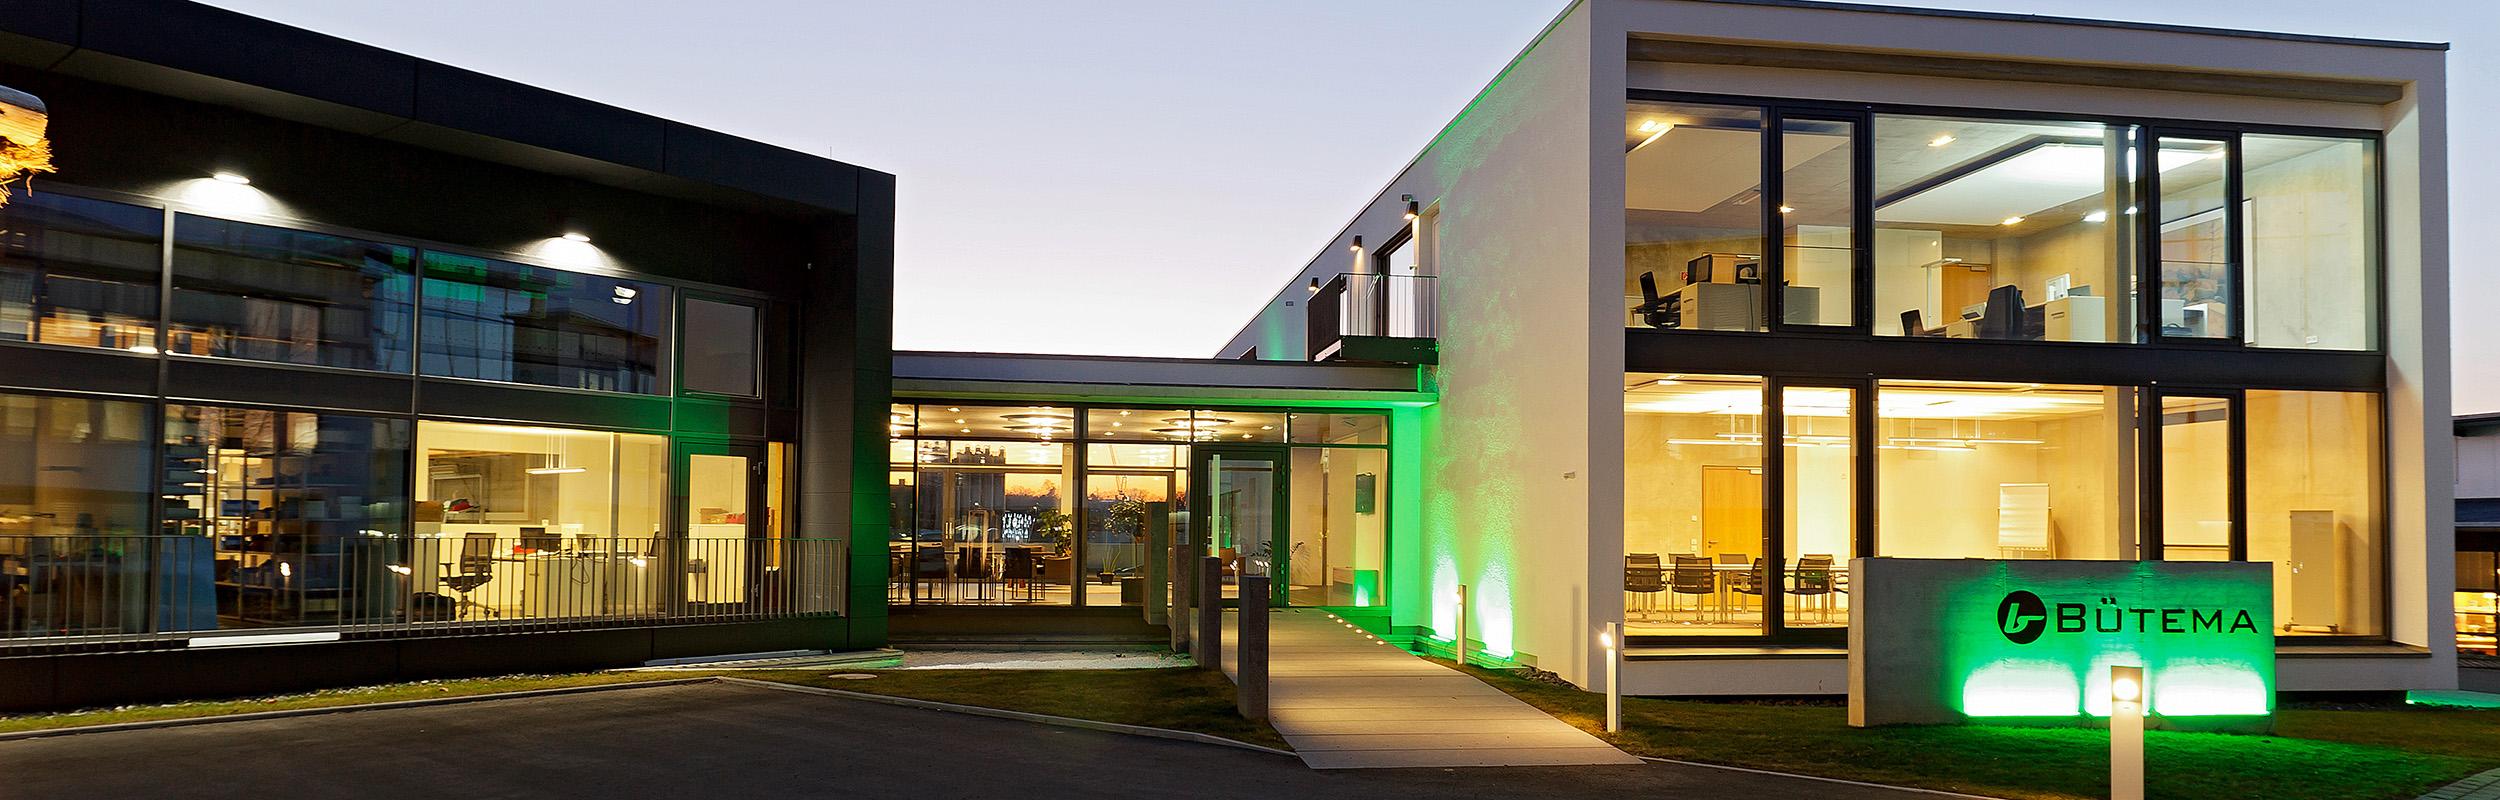 Home: Außenansicht des Bütema AG Unternehmenssitzes/Gebäude von vorne